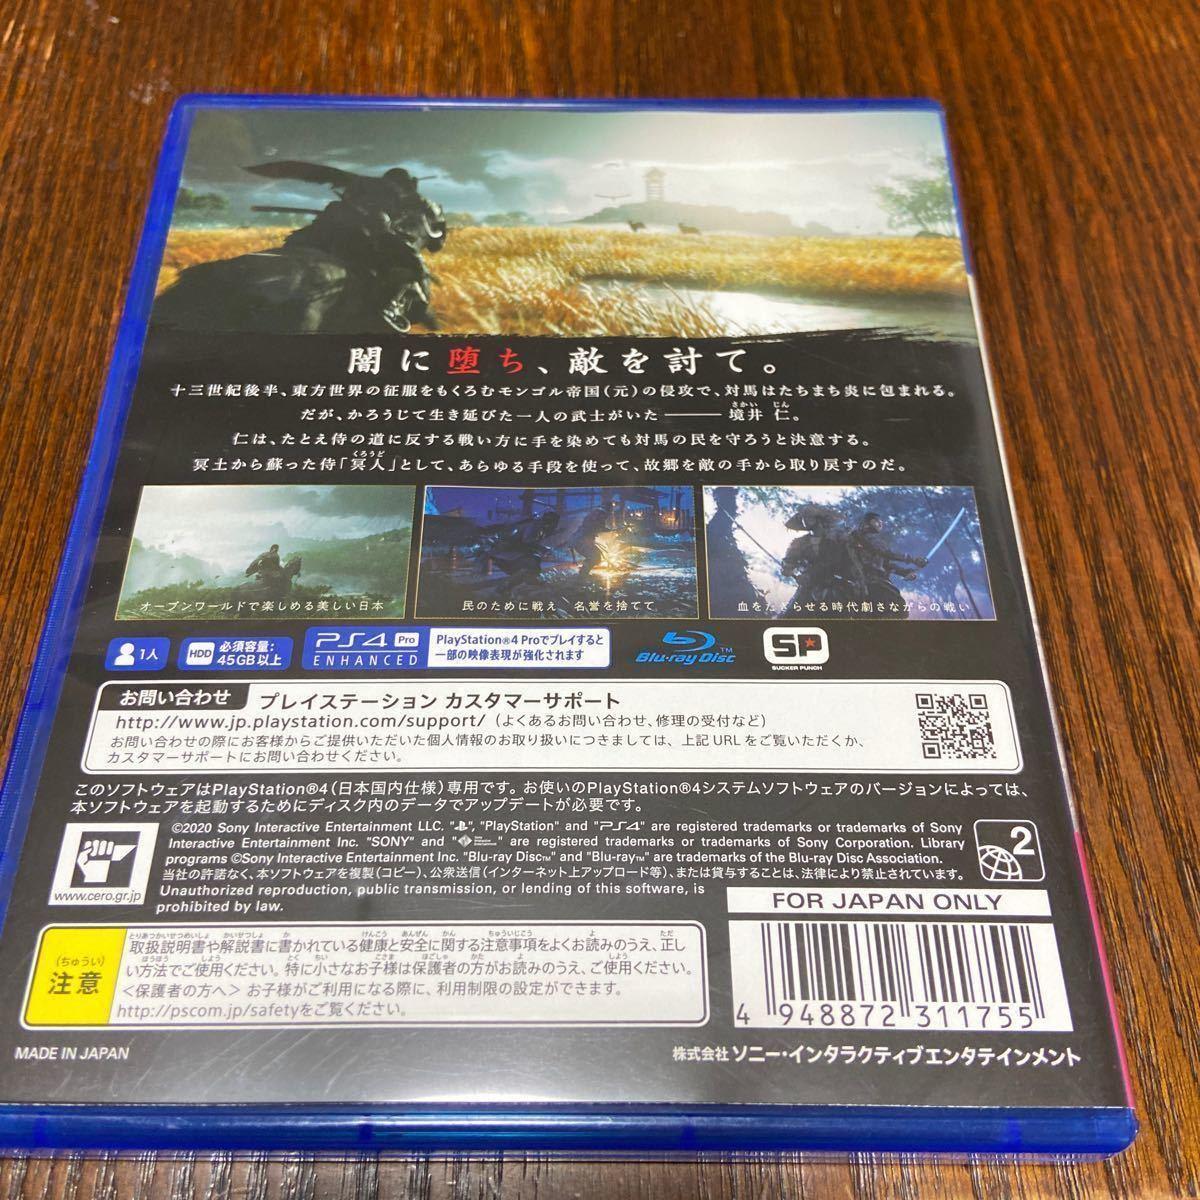 即決!!美品!!PS4 GHOST OF TSUSHIMA ゴーストオブツシマ_画像2